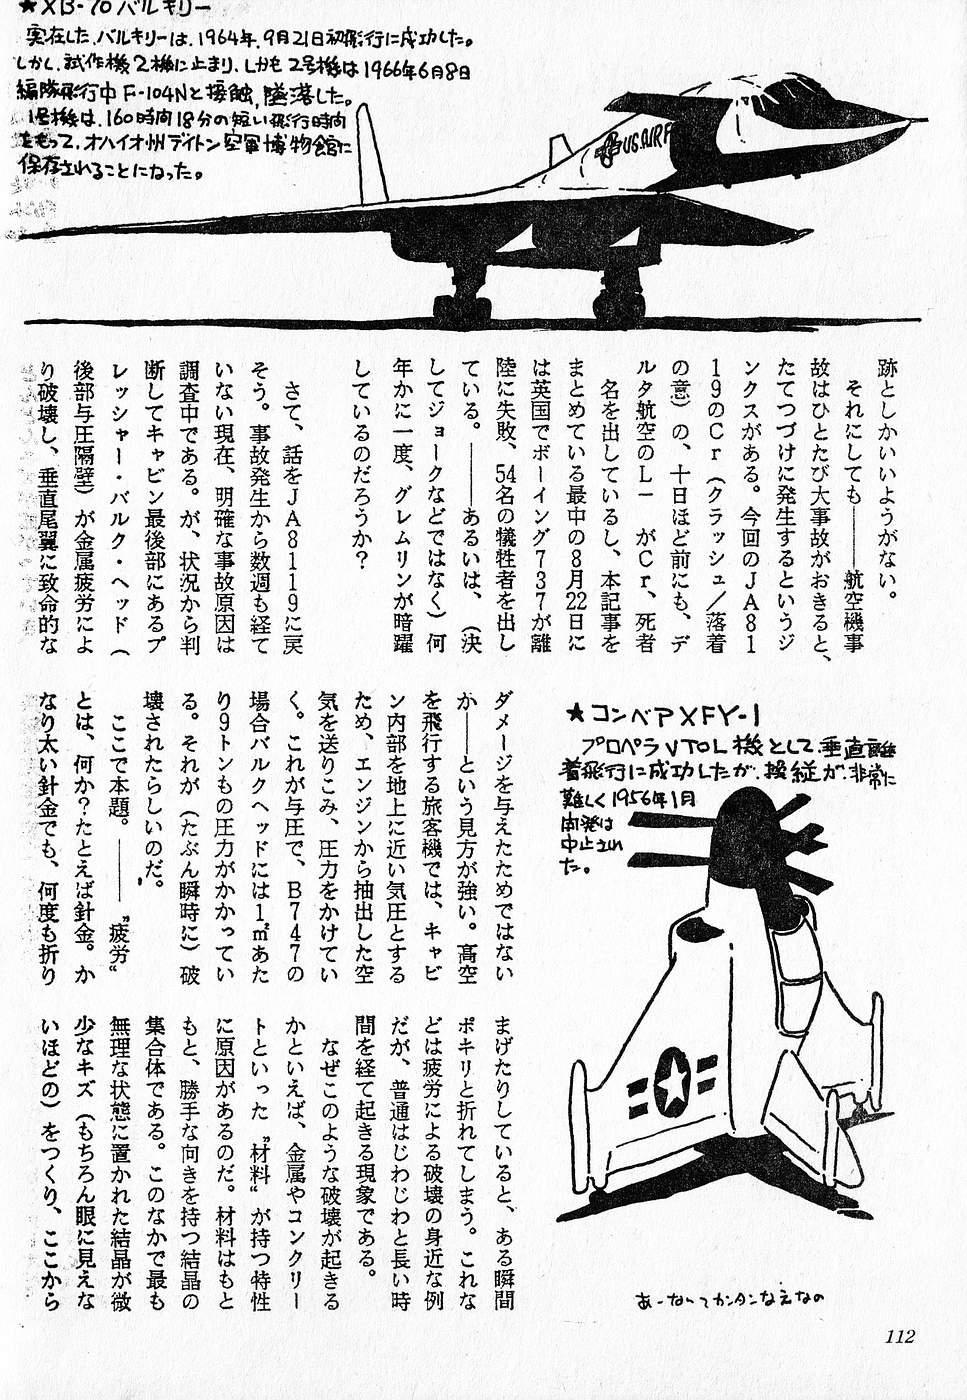 COMIC Lolipop 1985-10 Soukanjunbigou Aki 111